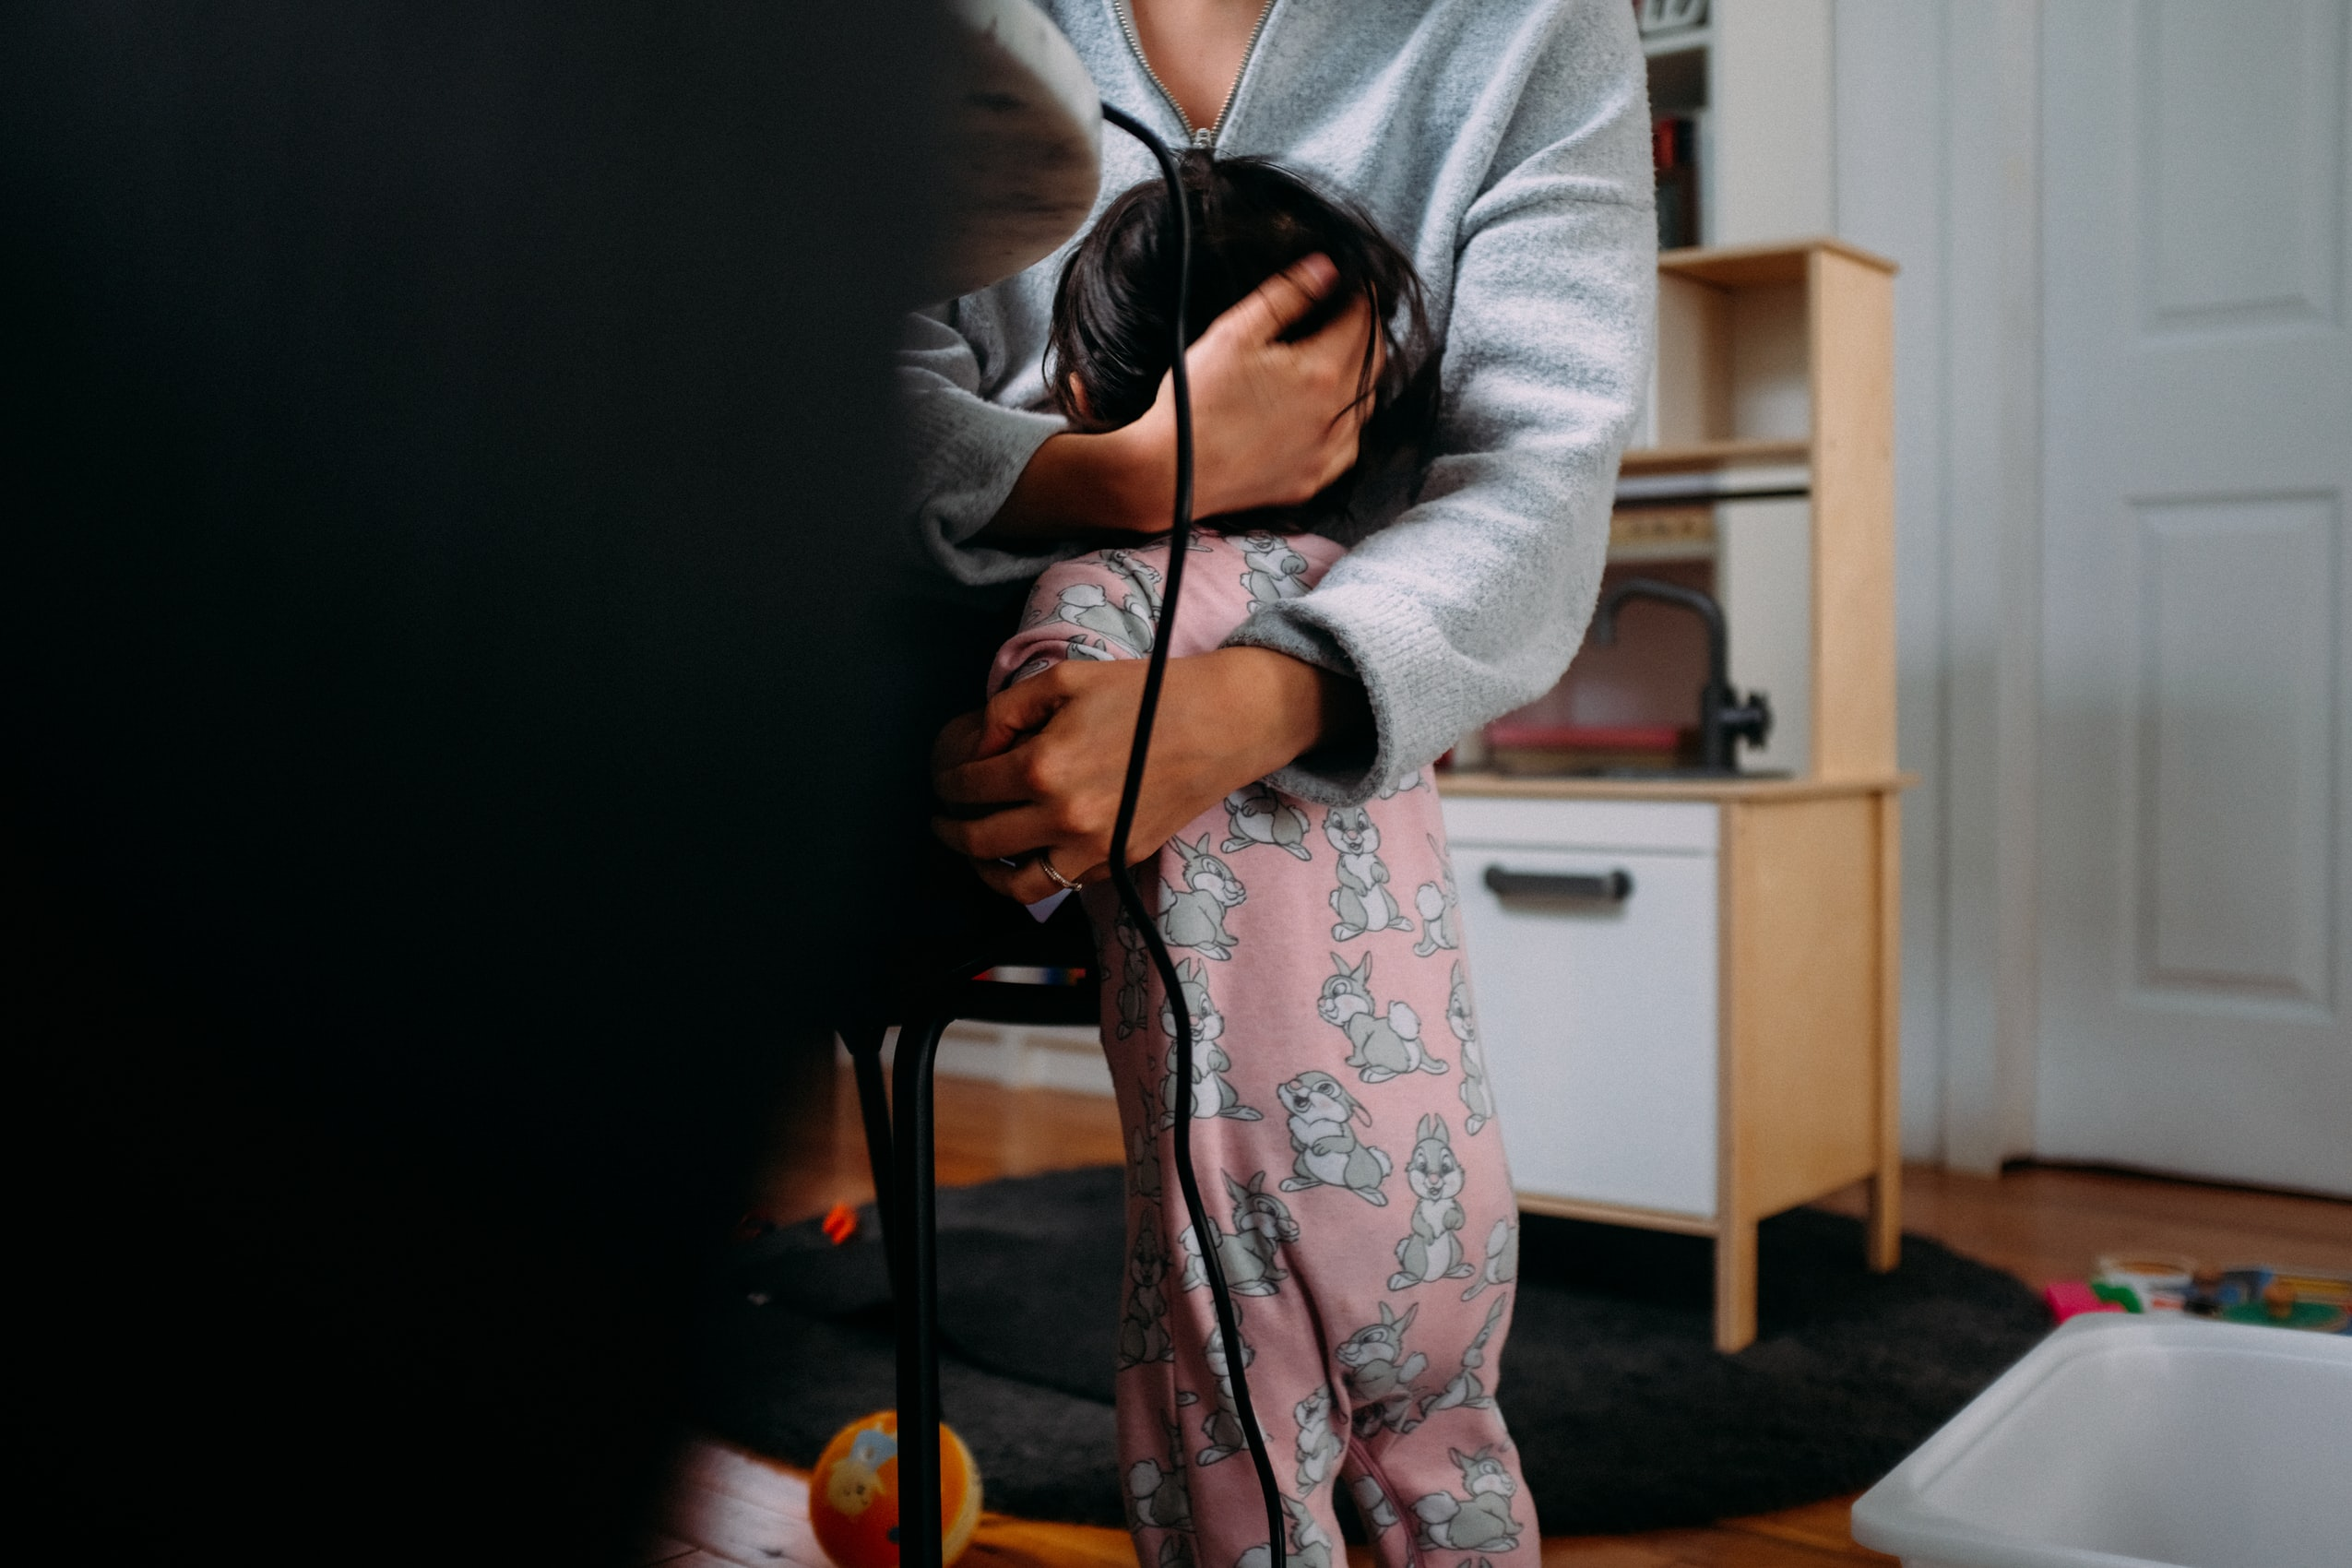 barn kramar om sin barnvakt